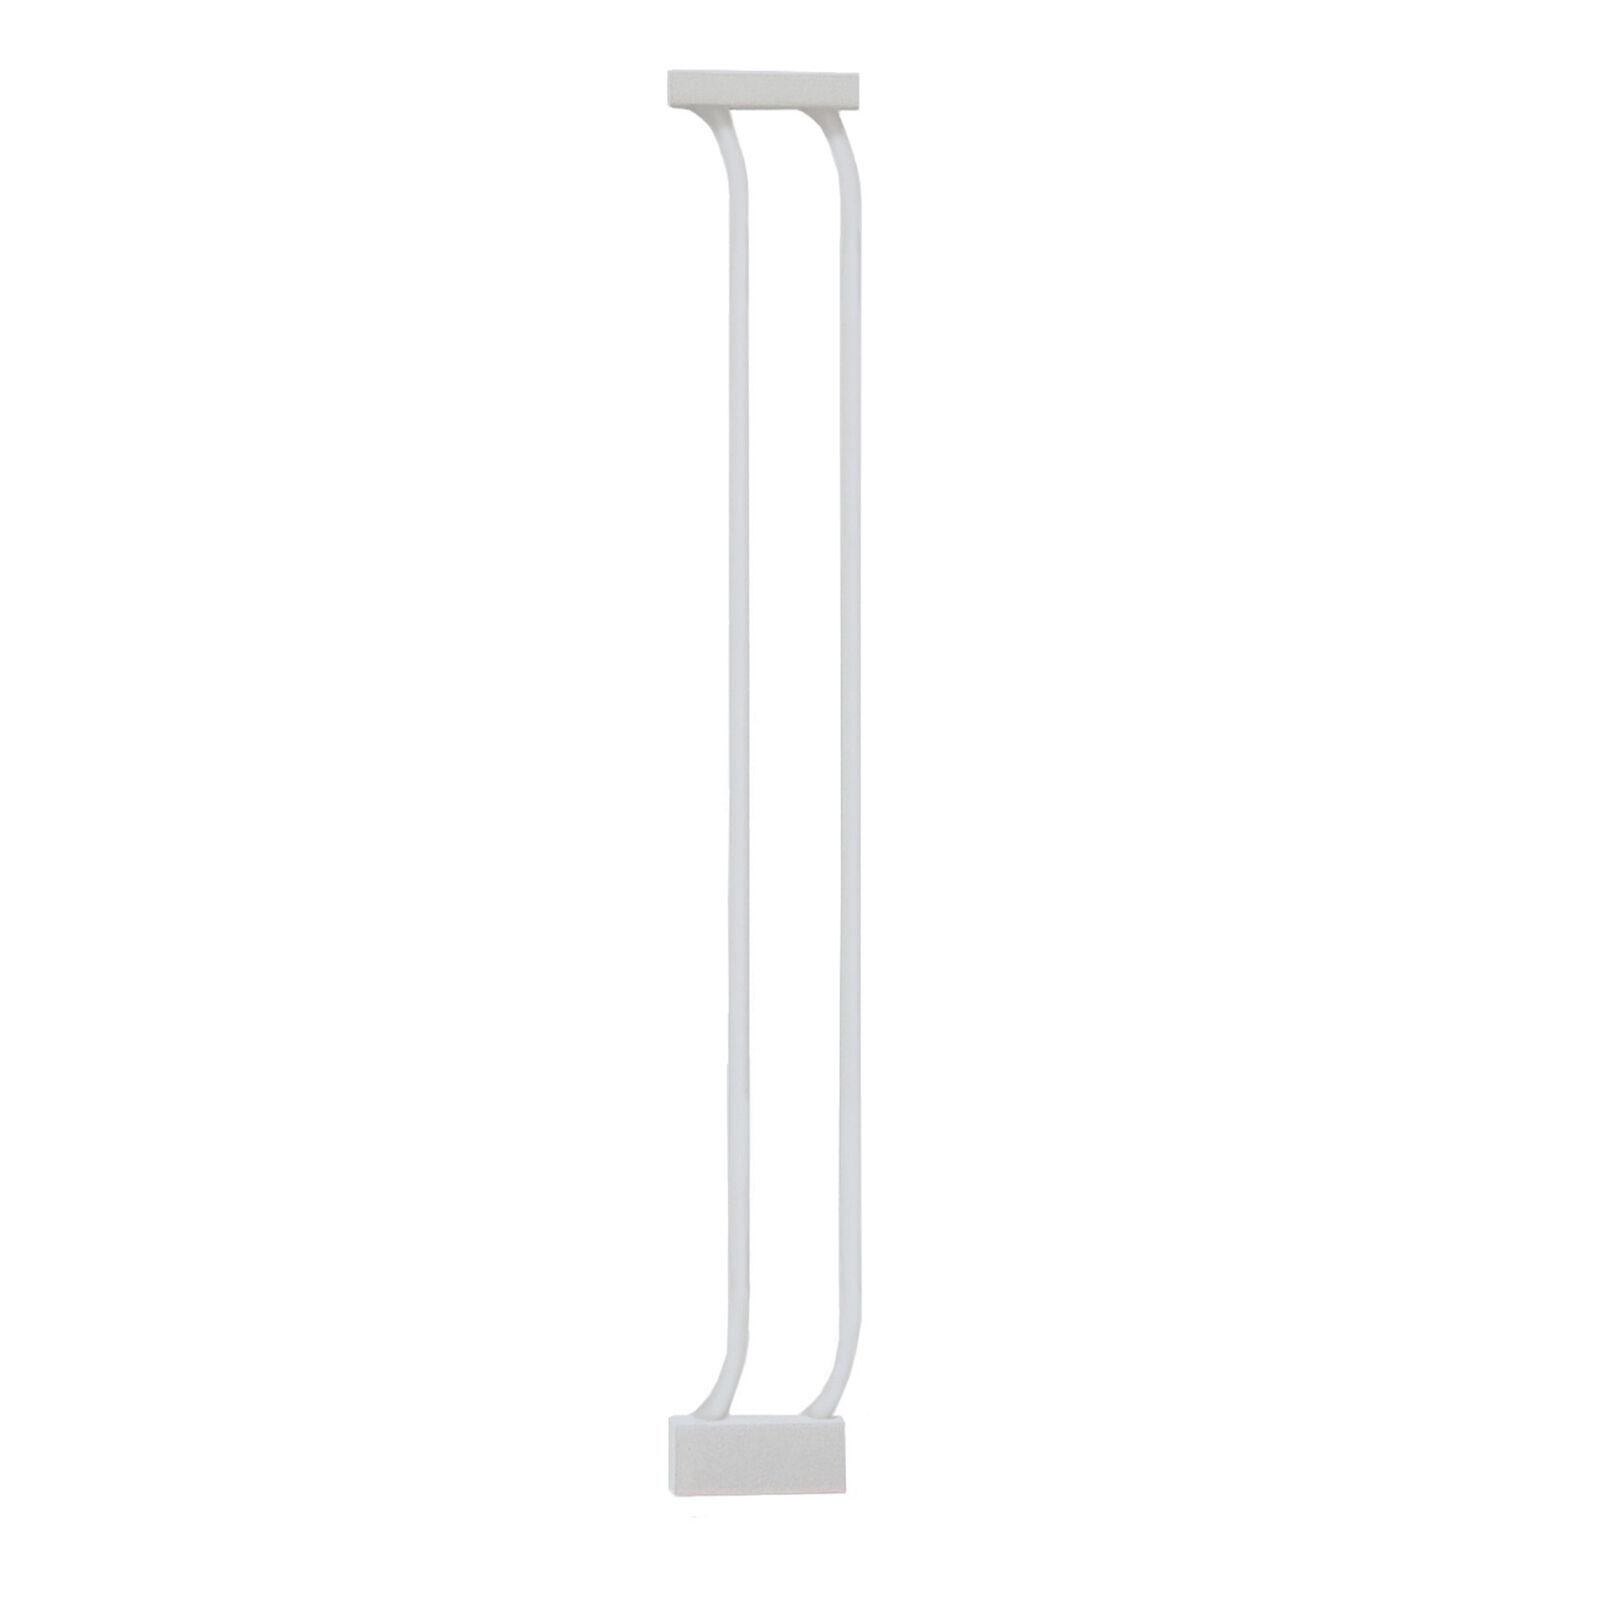 DREAMBABY Prodloužení k zábraně Chelsea 9 cm, bílá